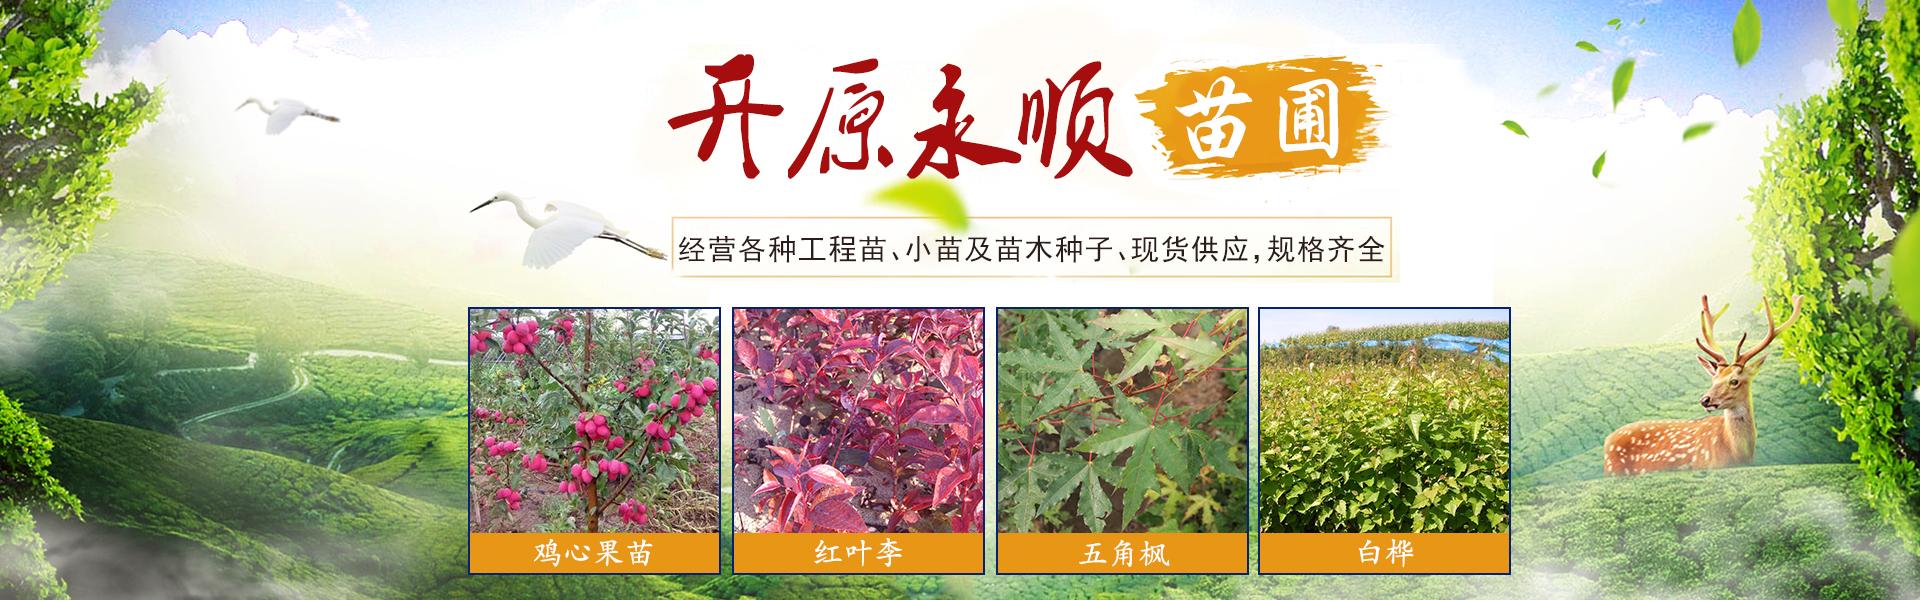 开原紫穗槐,开原红叶李